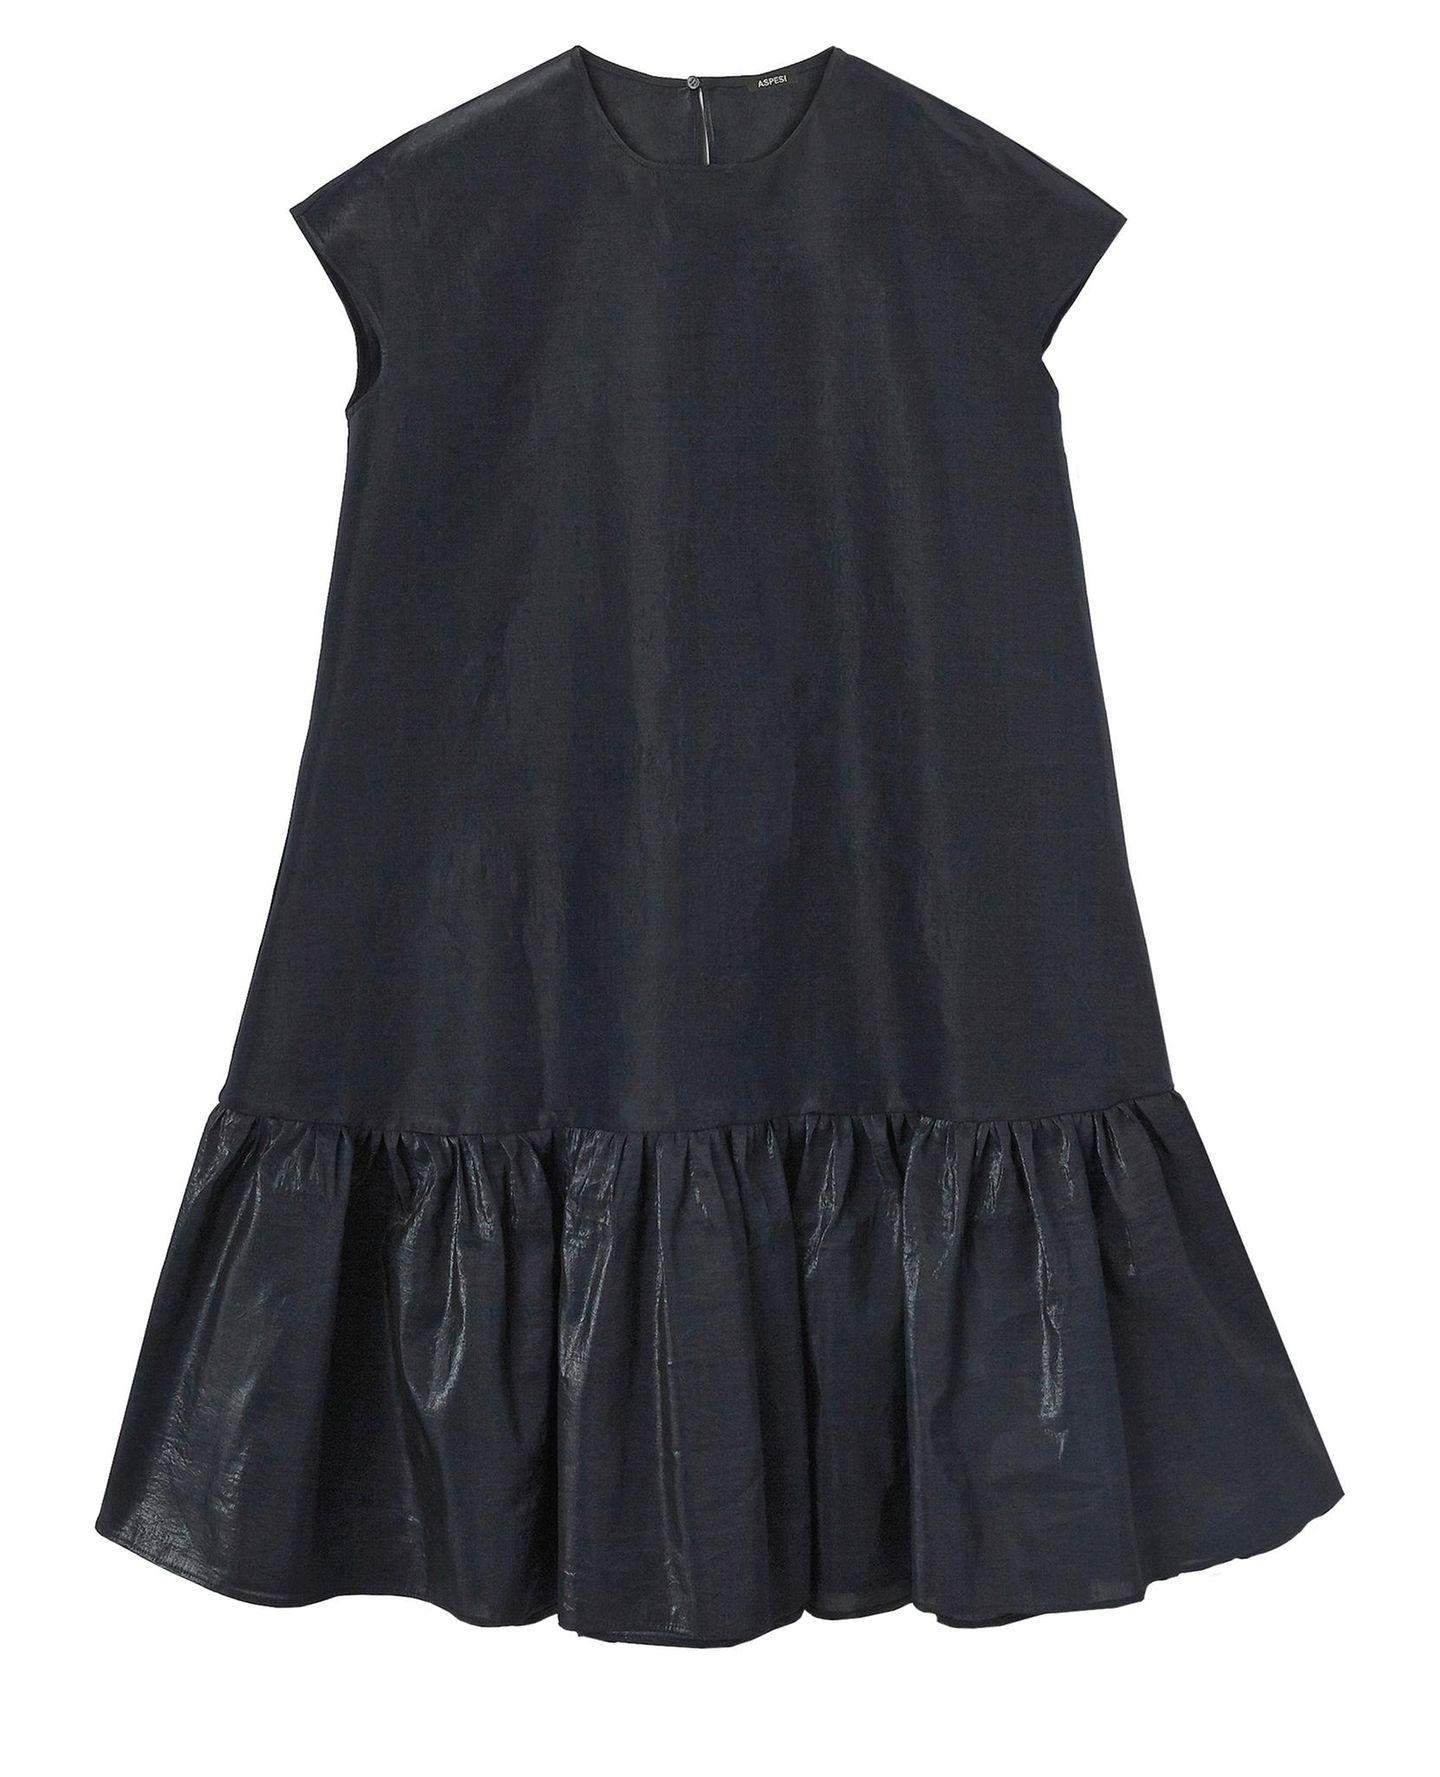 Den eigenen Stil finden: Schwarzes kurzes Kleid